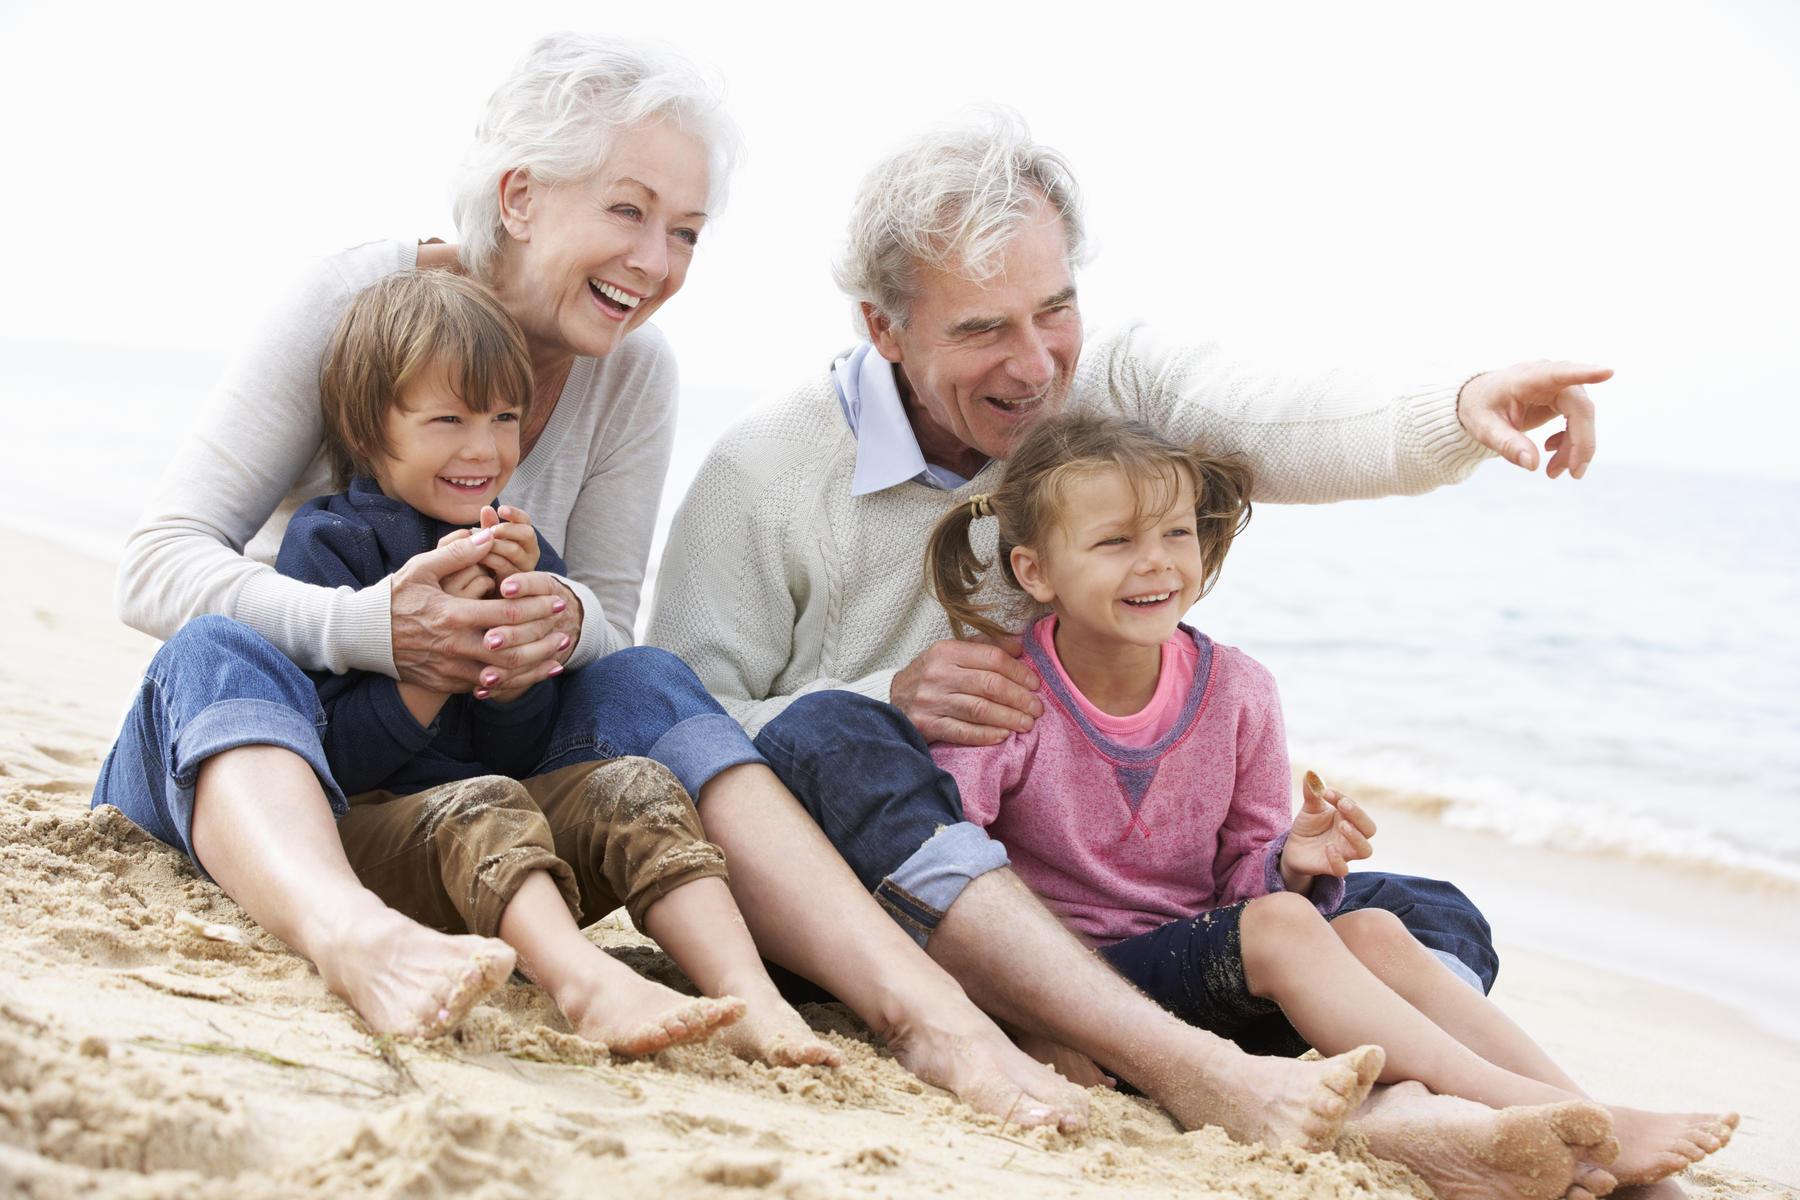 پرستار سالمند کنار خانواده